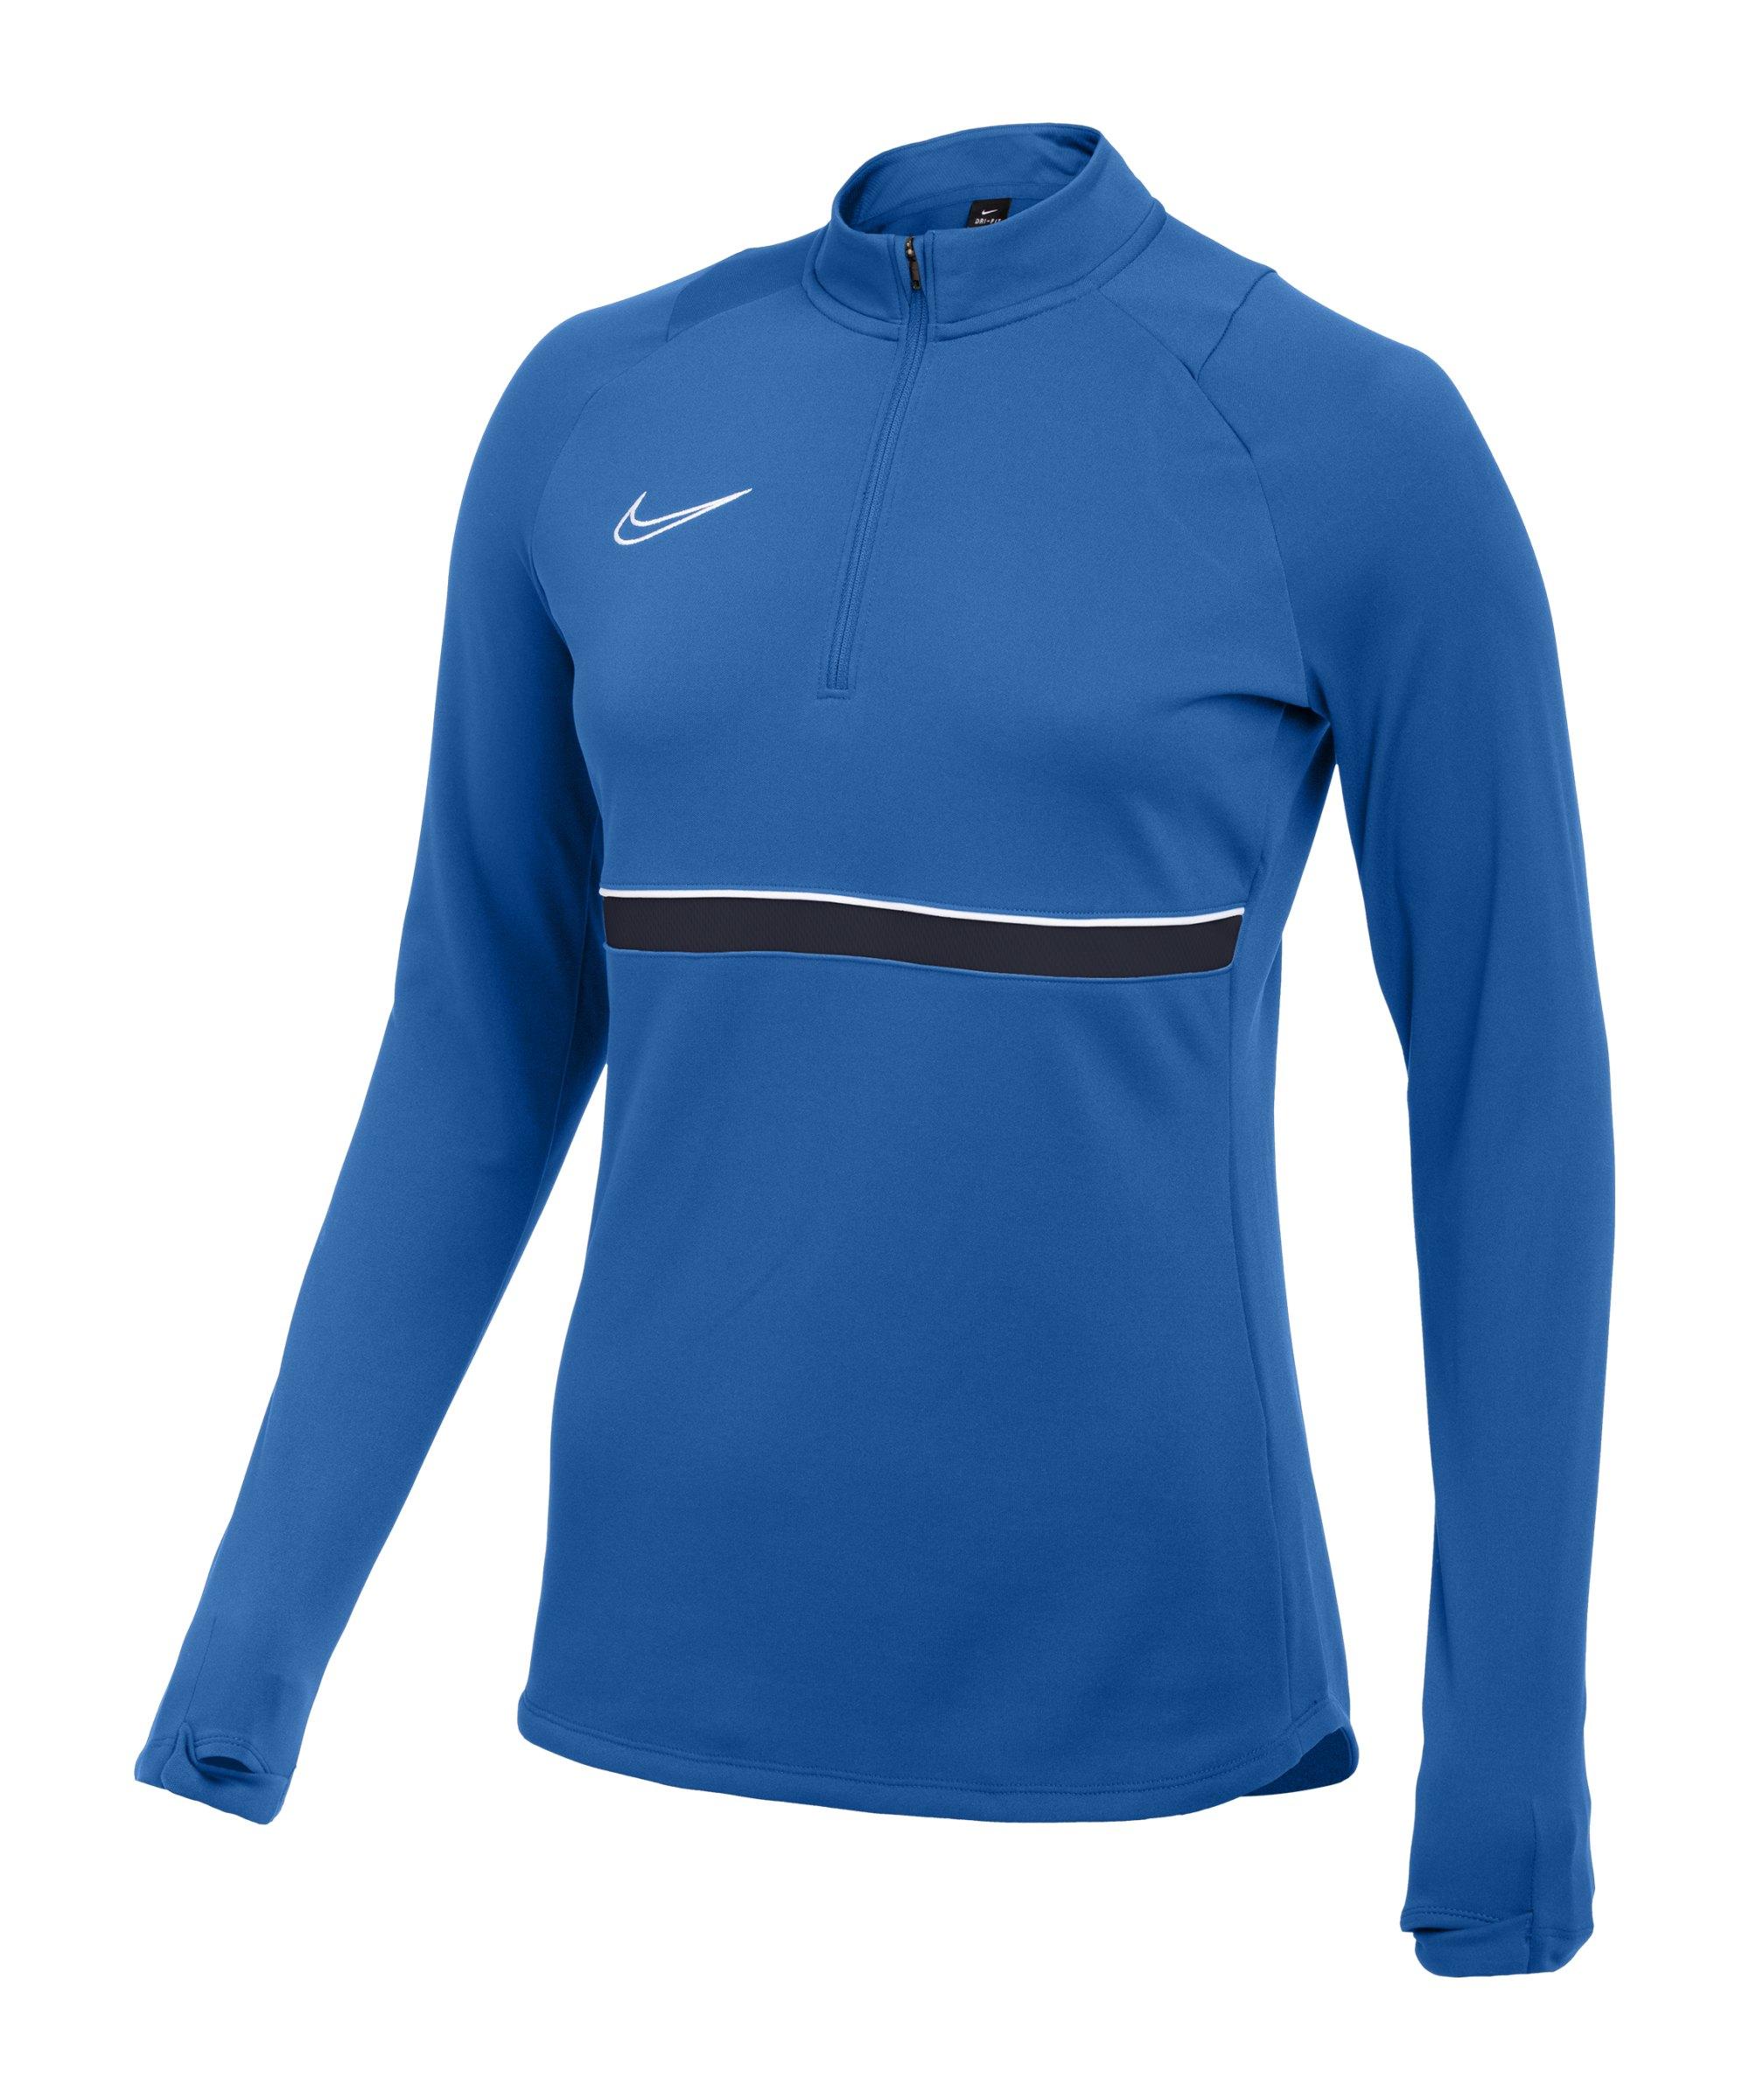 Nike Academy 21 Drill Top Damen Blau Weiss F463 - blau